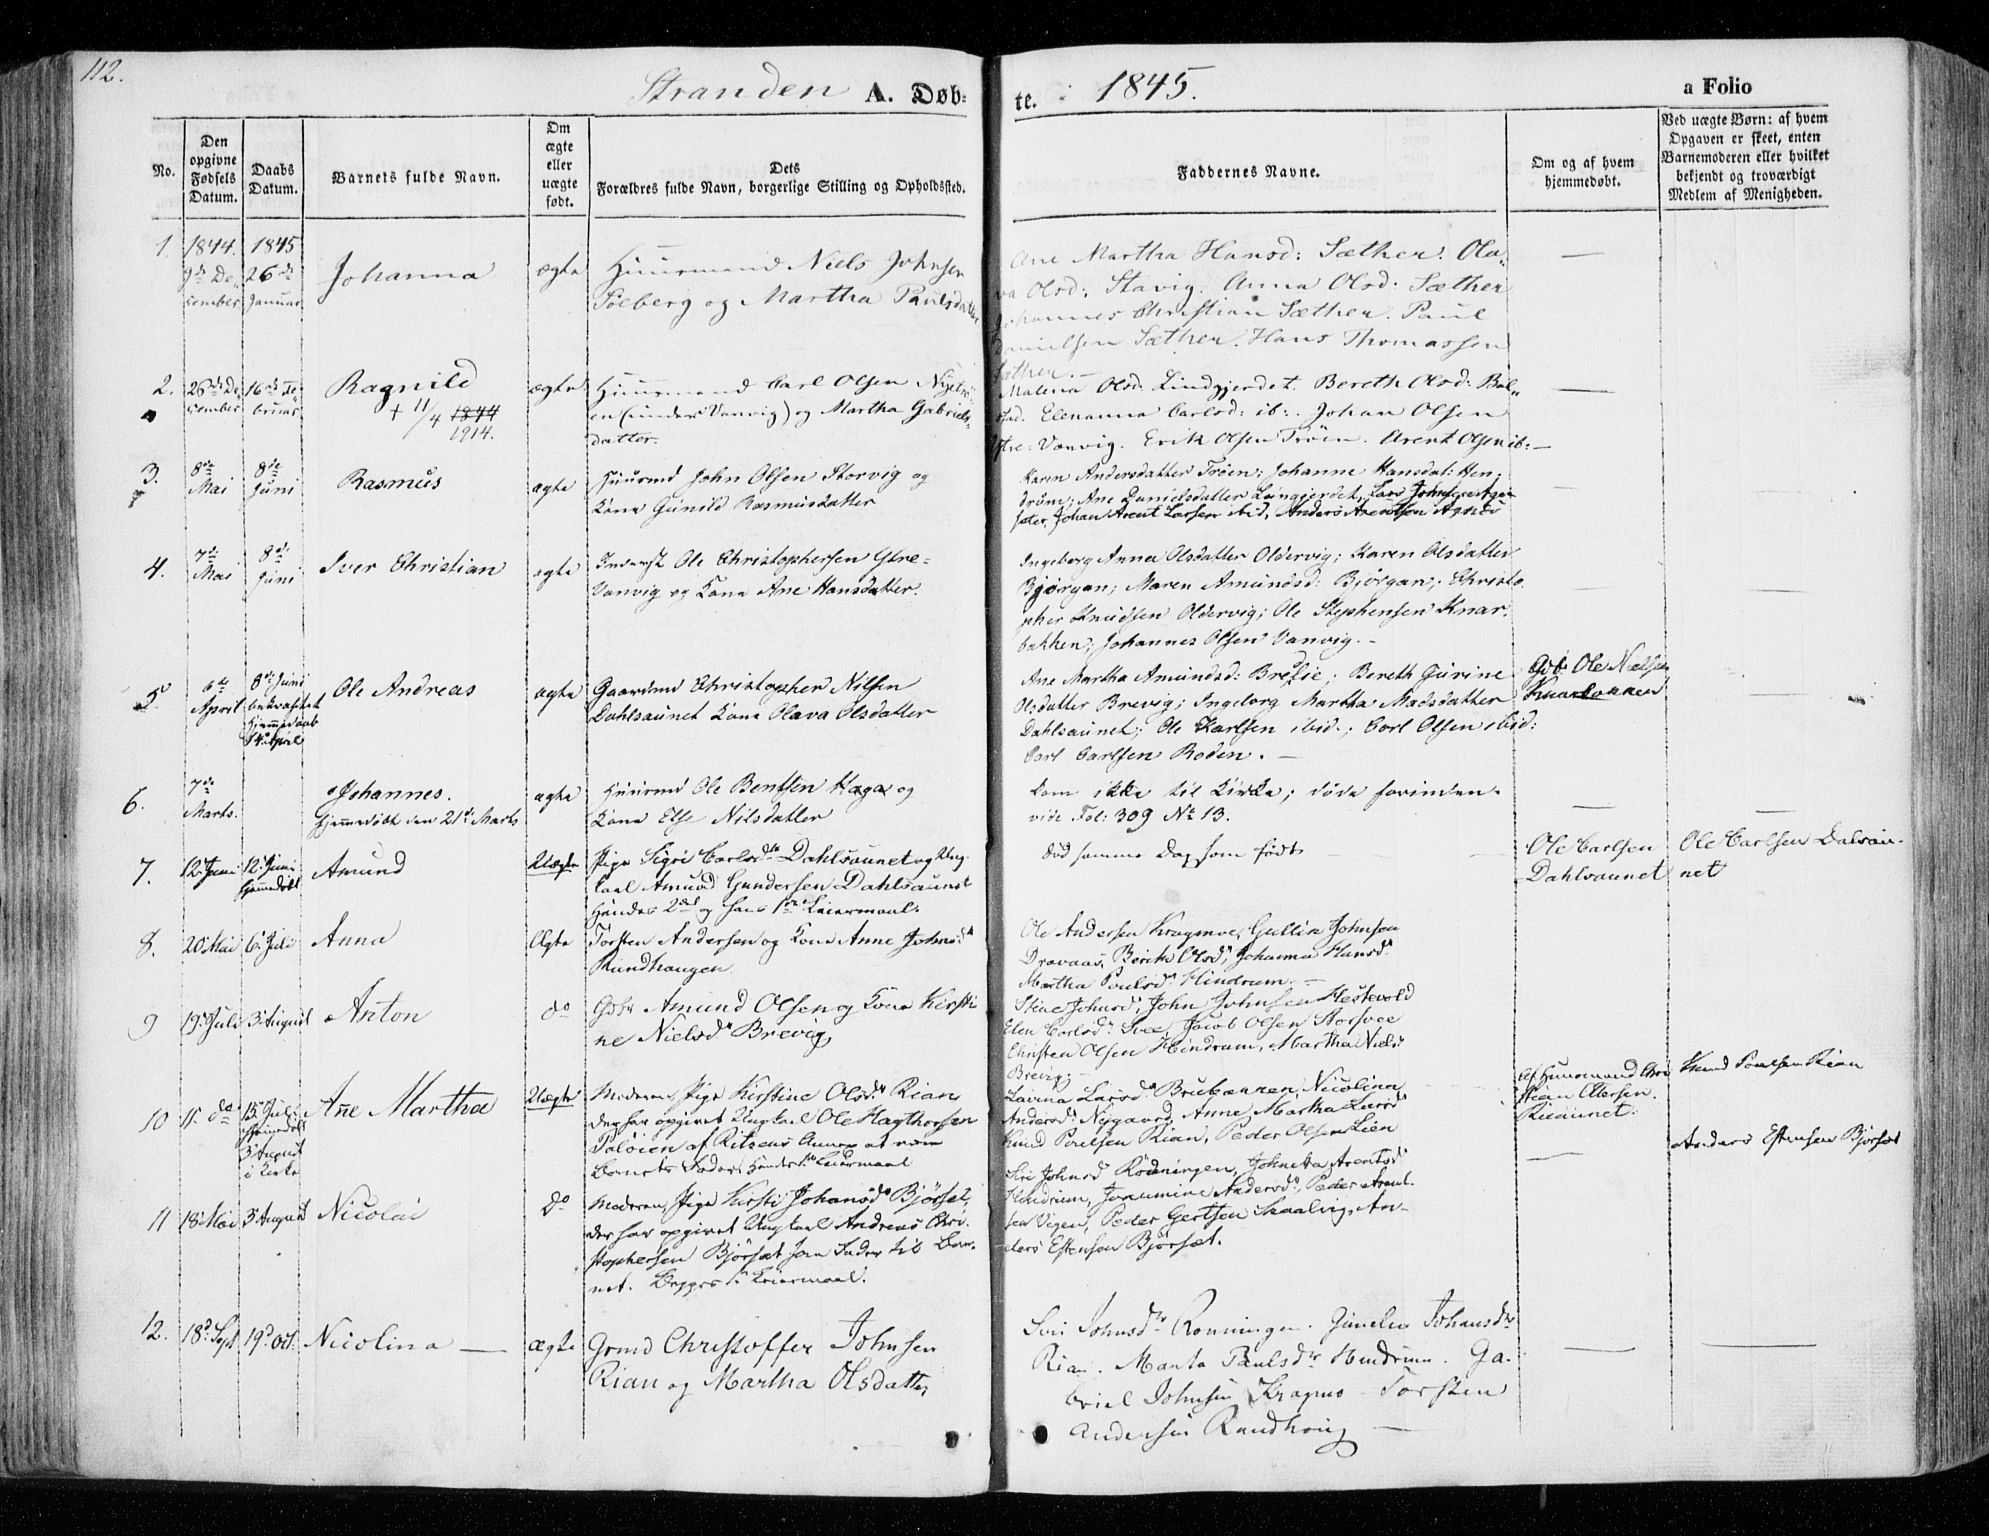 SAT, Ministerialprotokoller, klokkerbøker og fødselsregistre - Nord-Trøndelag, 701/L0007: Ministerialbok nr. 701A07 /2, 1842-1854, s. 112